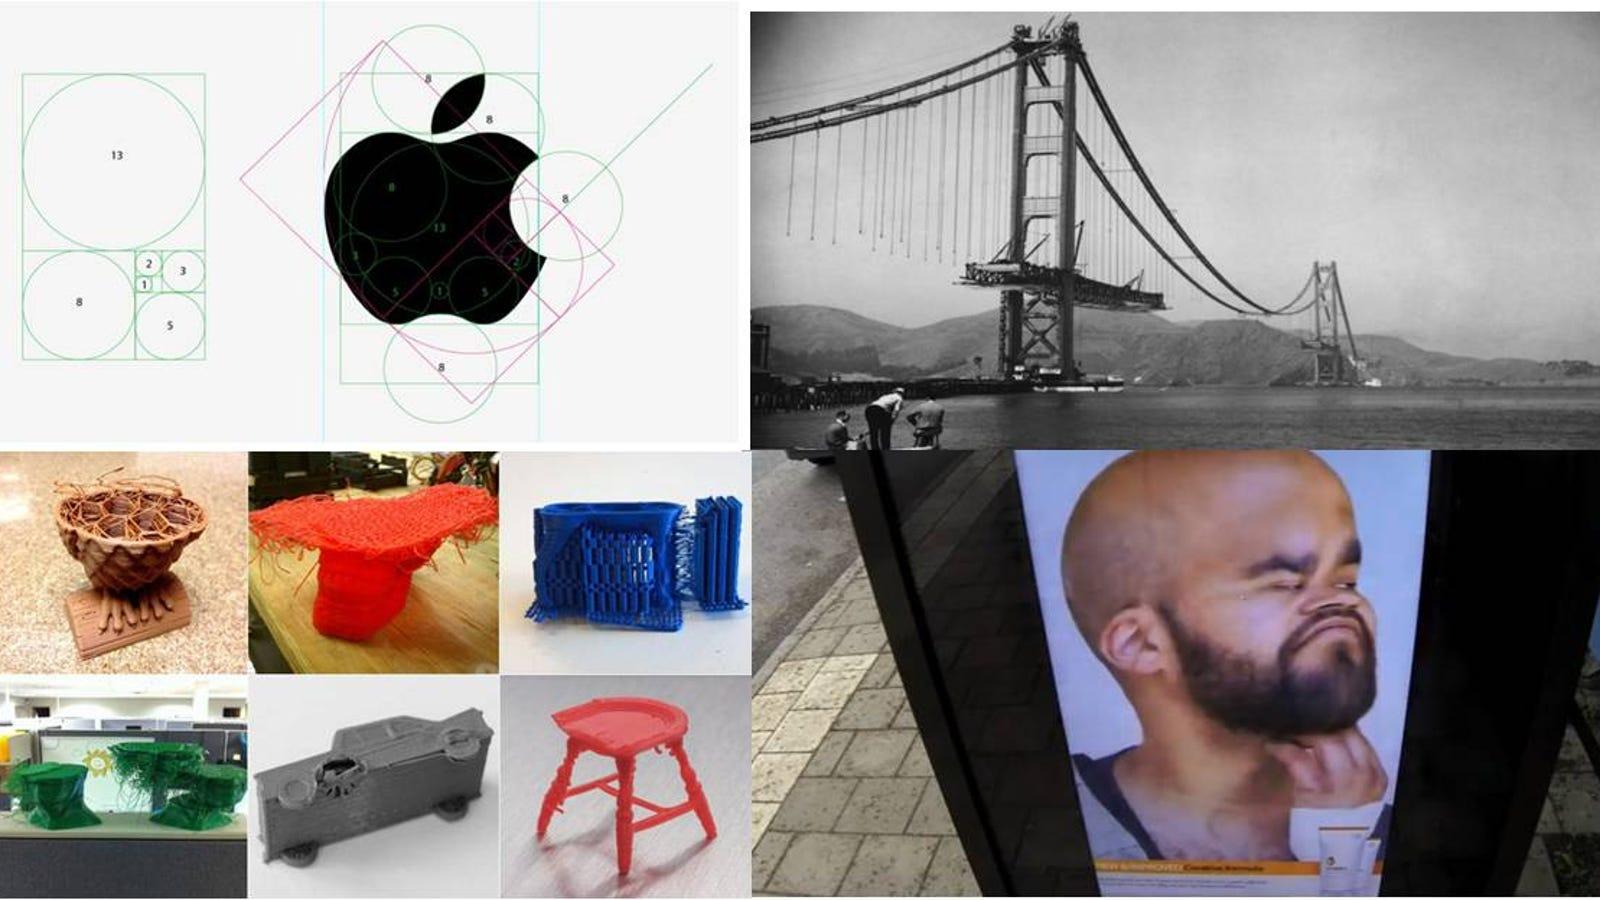 El logo de Apple, espionaje y Photoshop, las historias de la semana